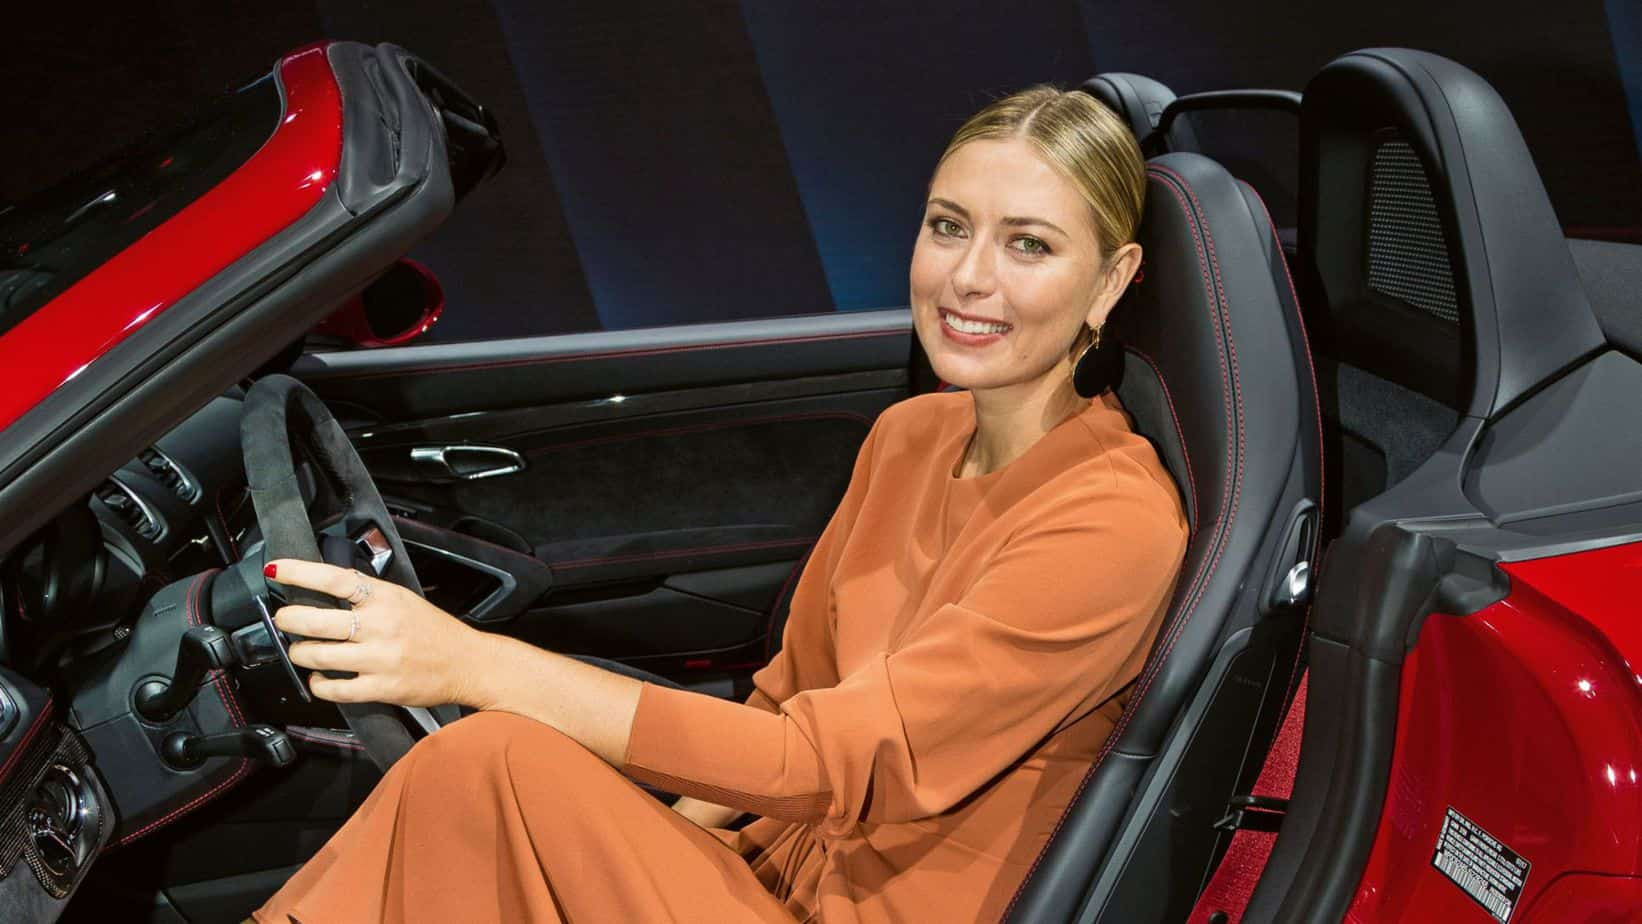 Sharapova driving her Porsche